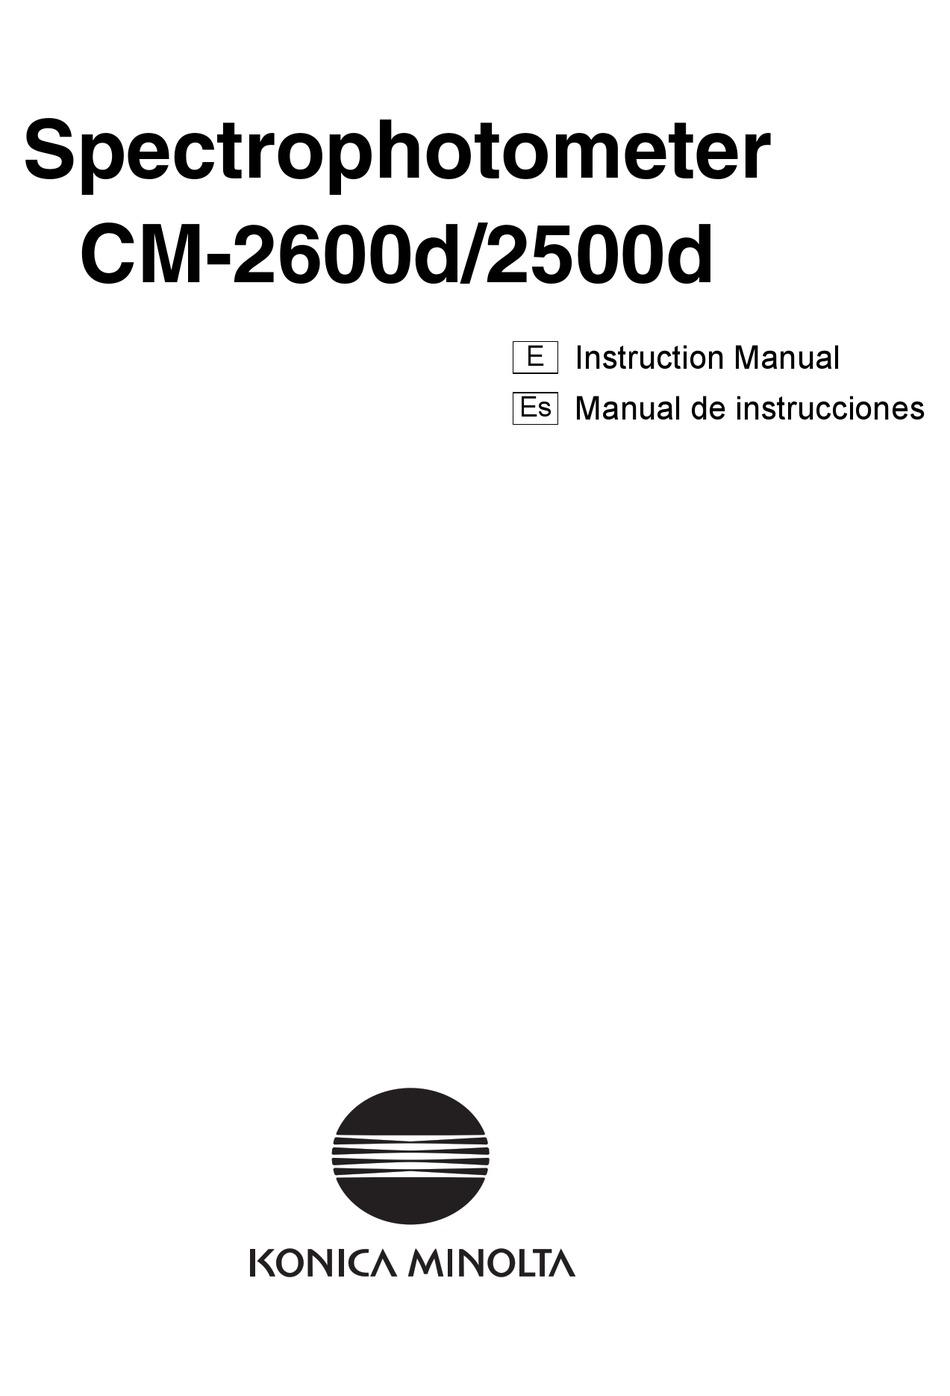 KONICA MINOLTA CM-2600D INSTRUCTION MANUAL Pdf Download